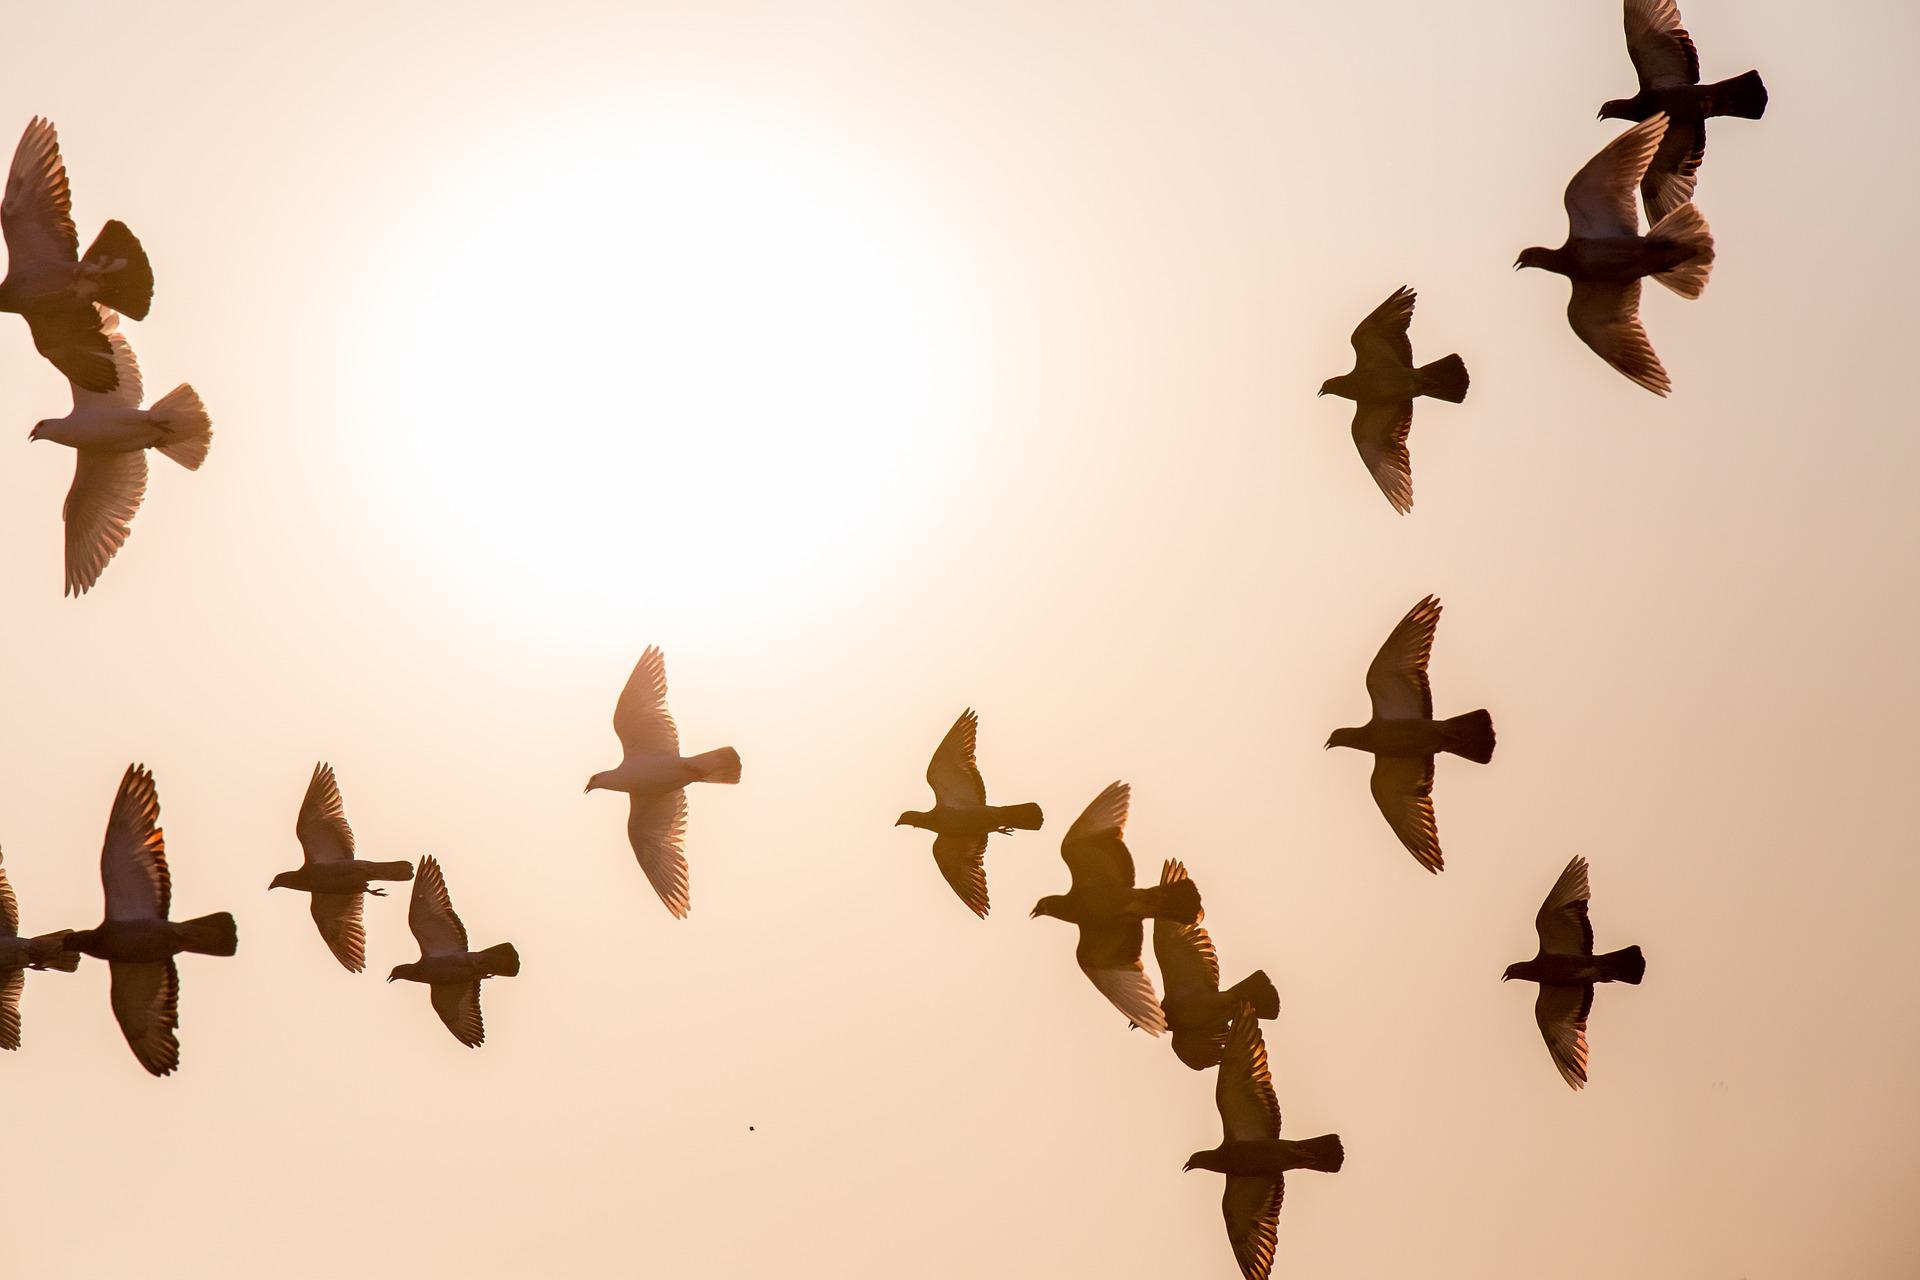 doves-1770573_1920.jpg